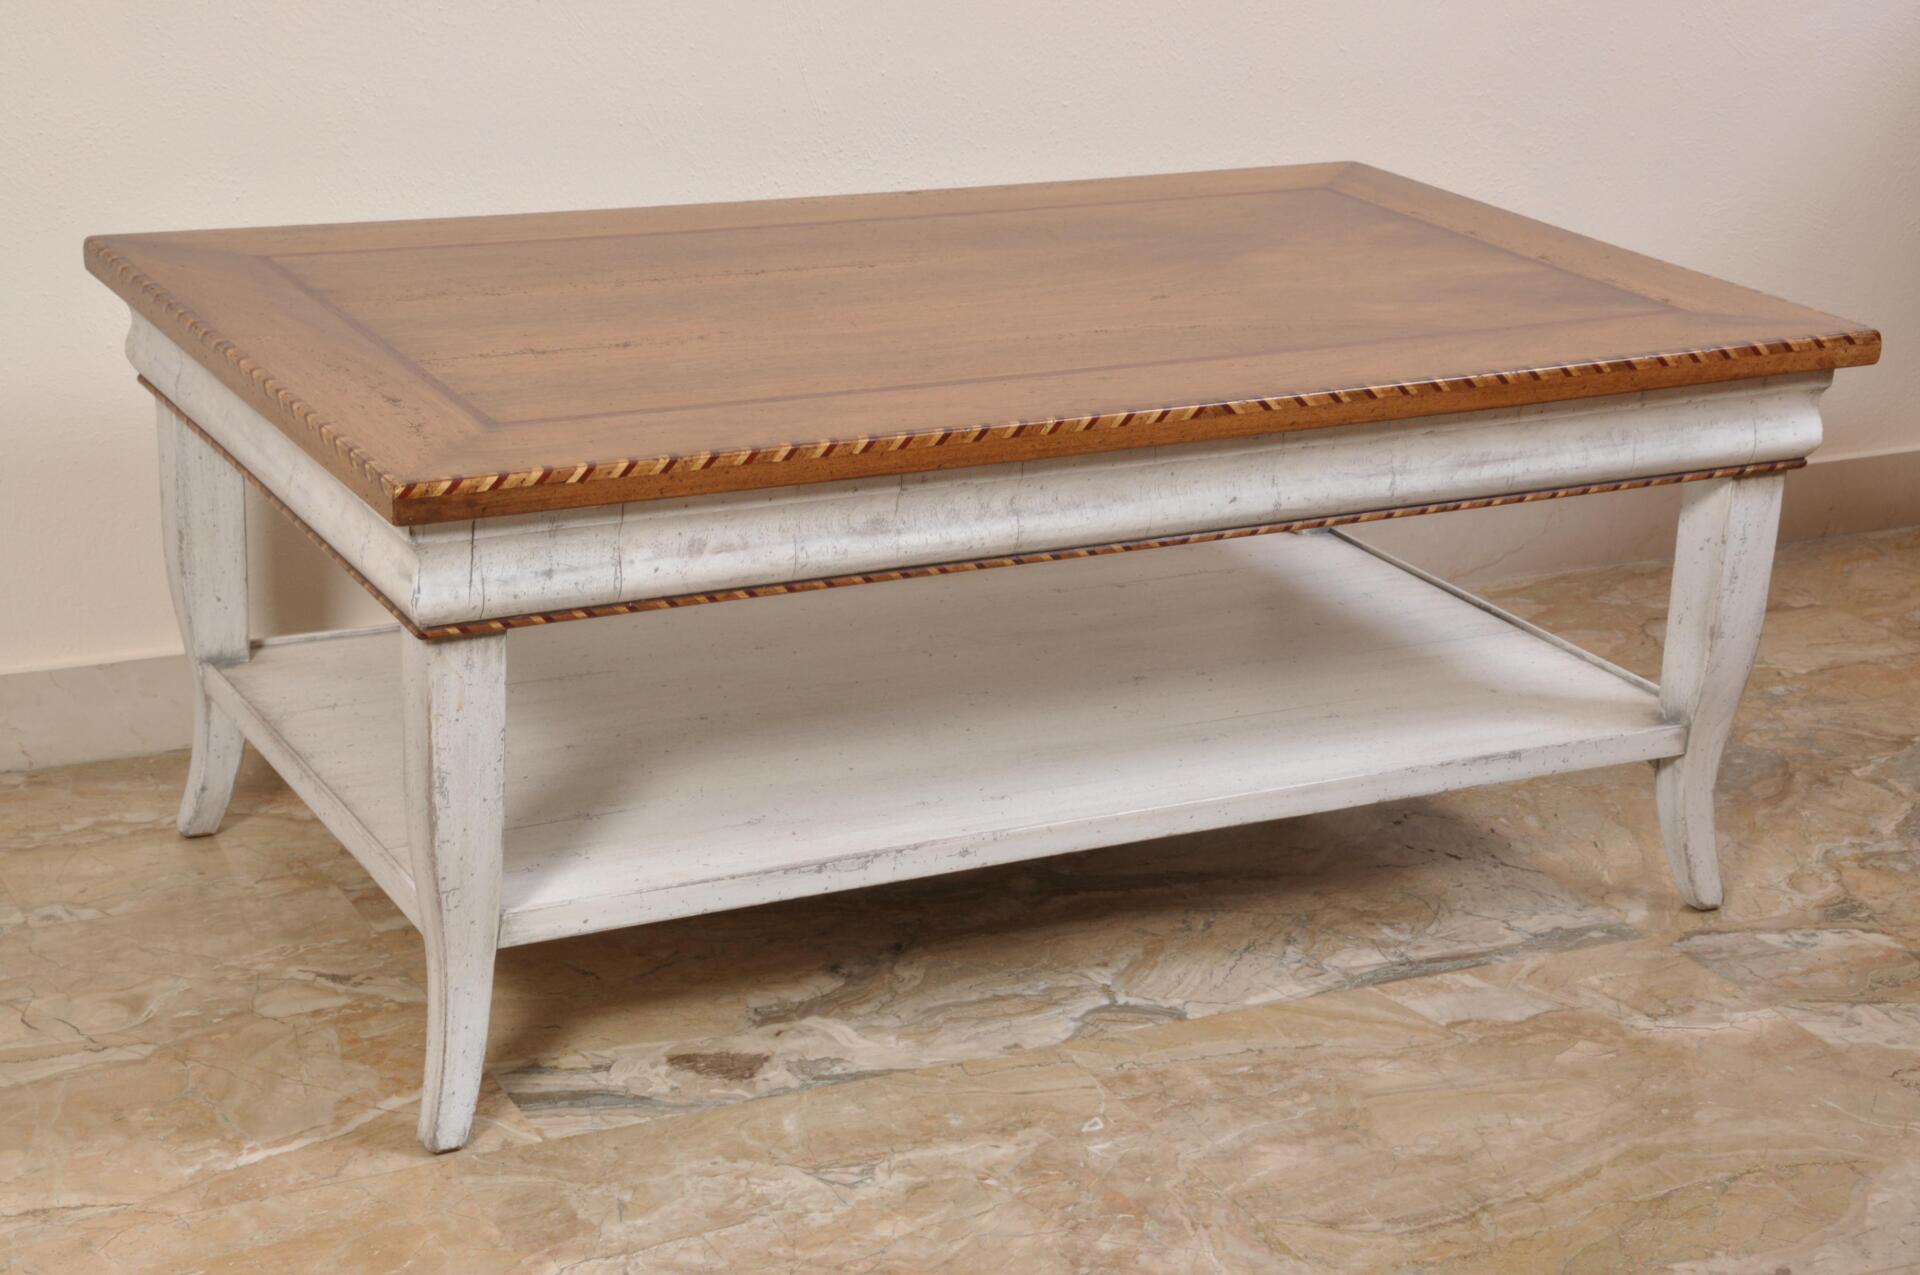 Tavolo da salotto finemente intarsaito in stile classico asolano veneto mobili vangelista - Seggiolini da tavolo prezzi ...